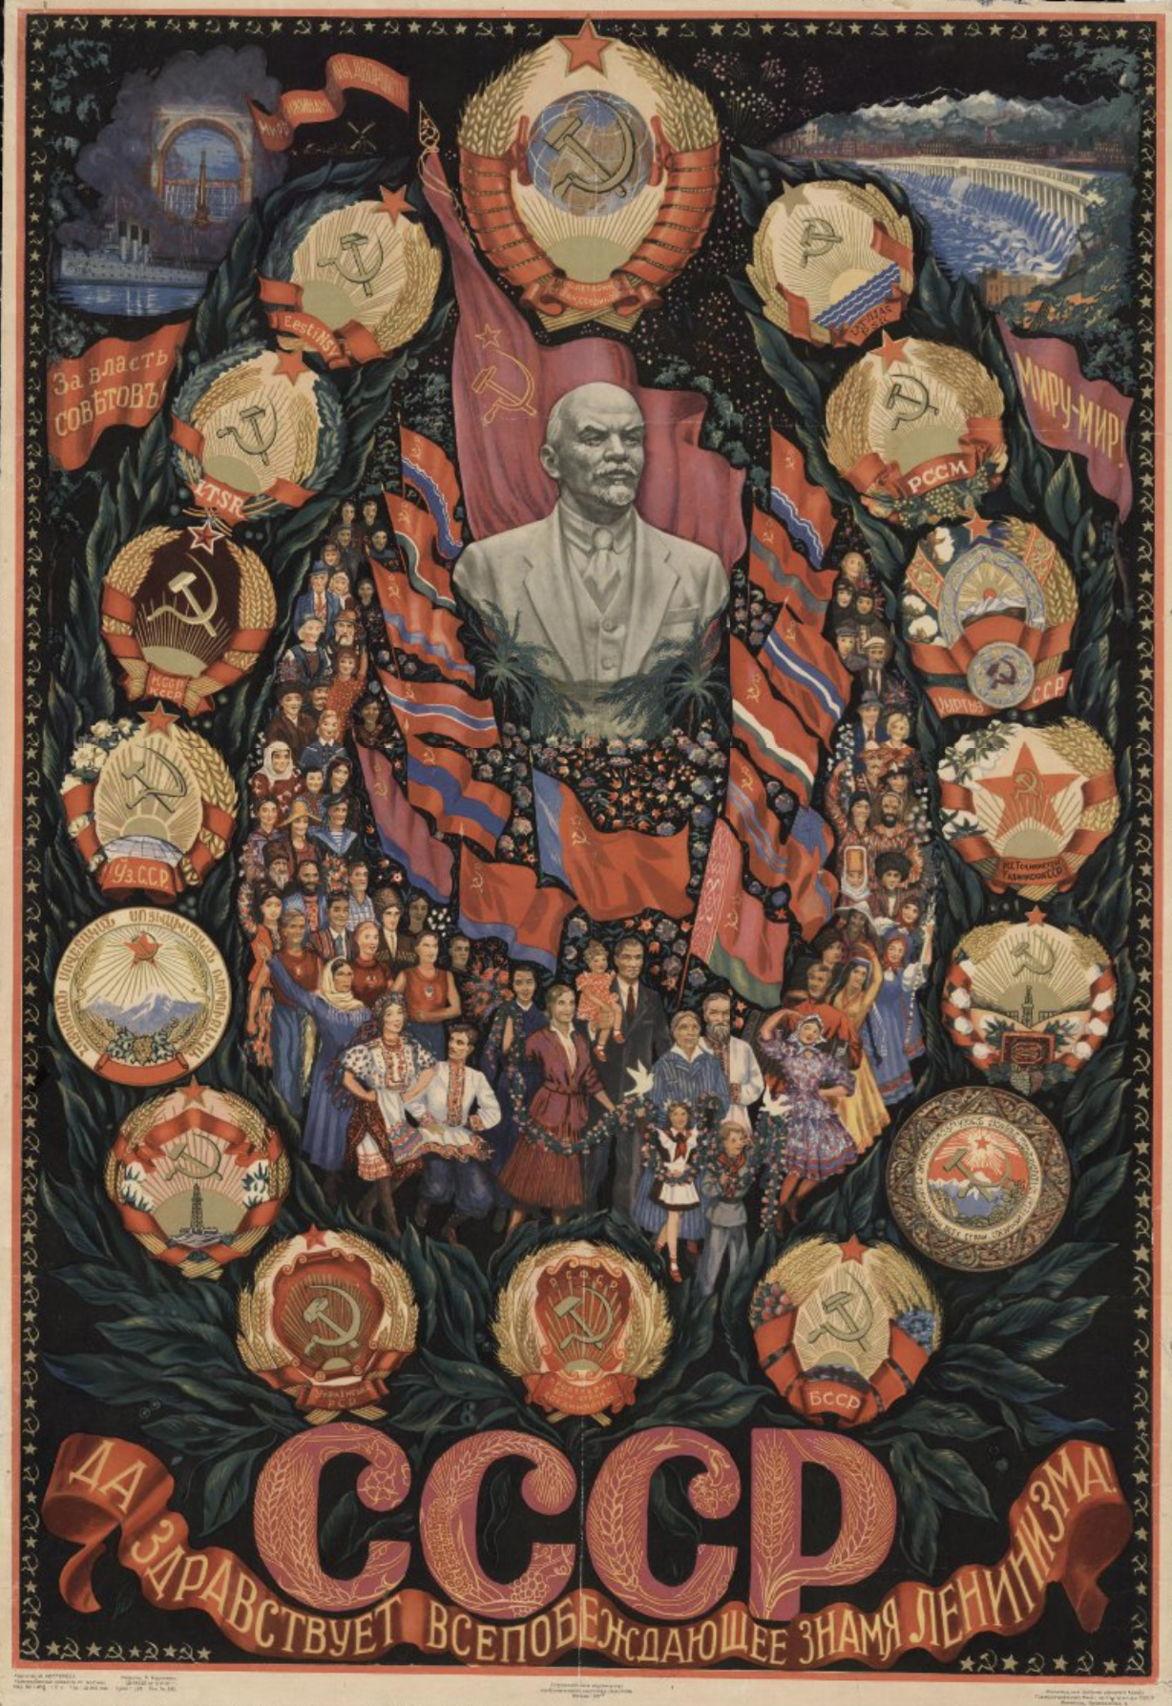 Плакат «Да здравствует всепобеждающее знамя ленинизма!» Художник М. Нестерова-Берзина. Москва, 1957 г. Бумага, ткань, печать офсетная